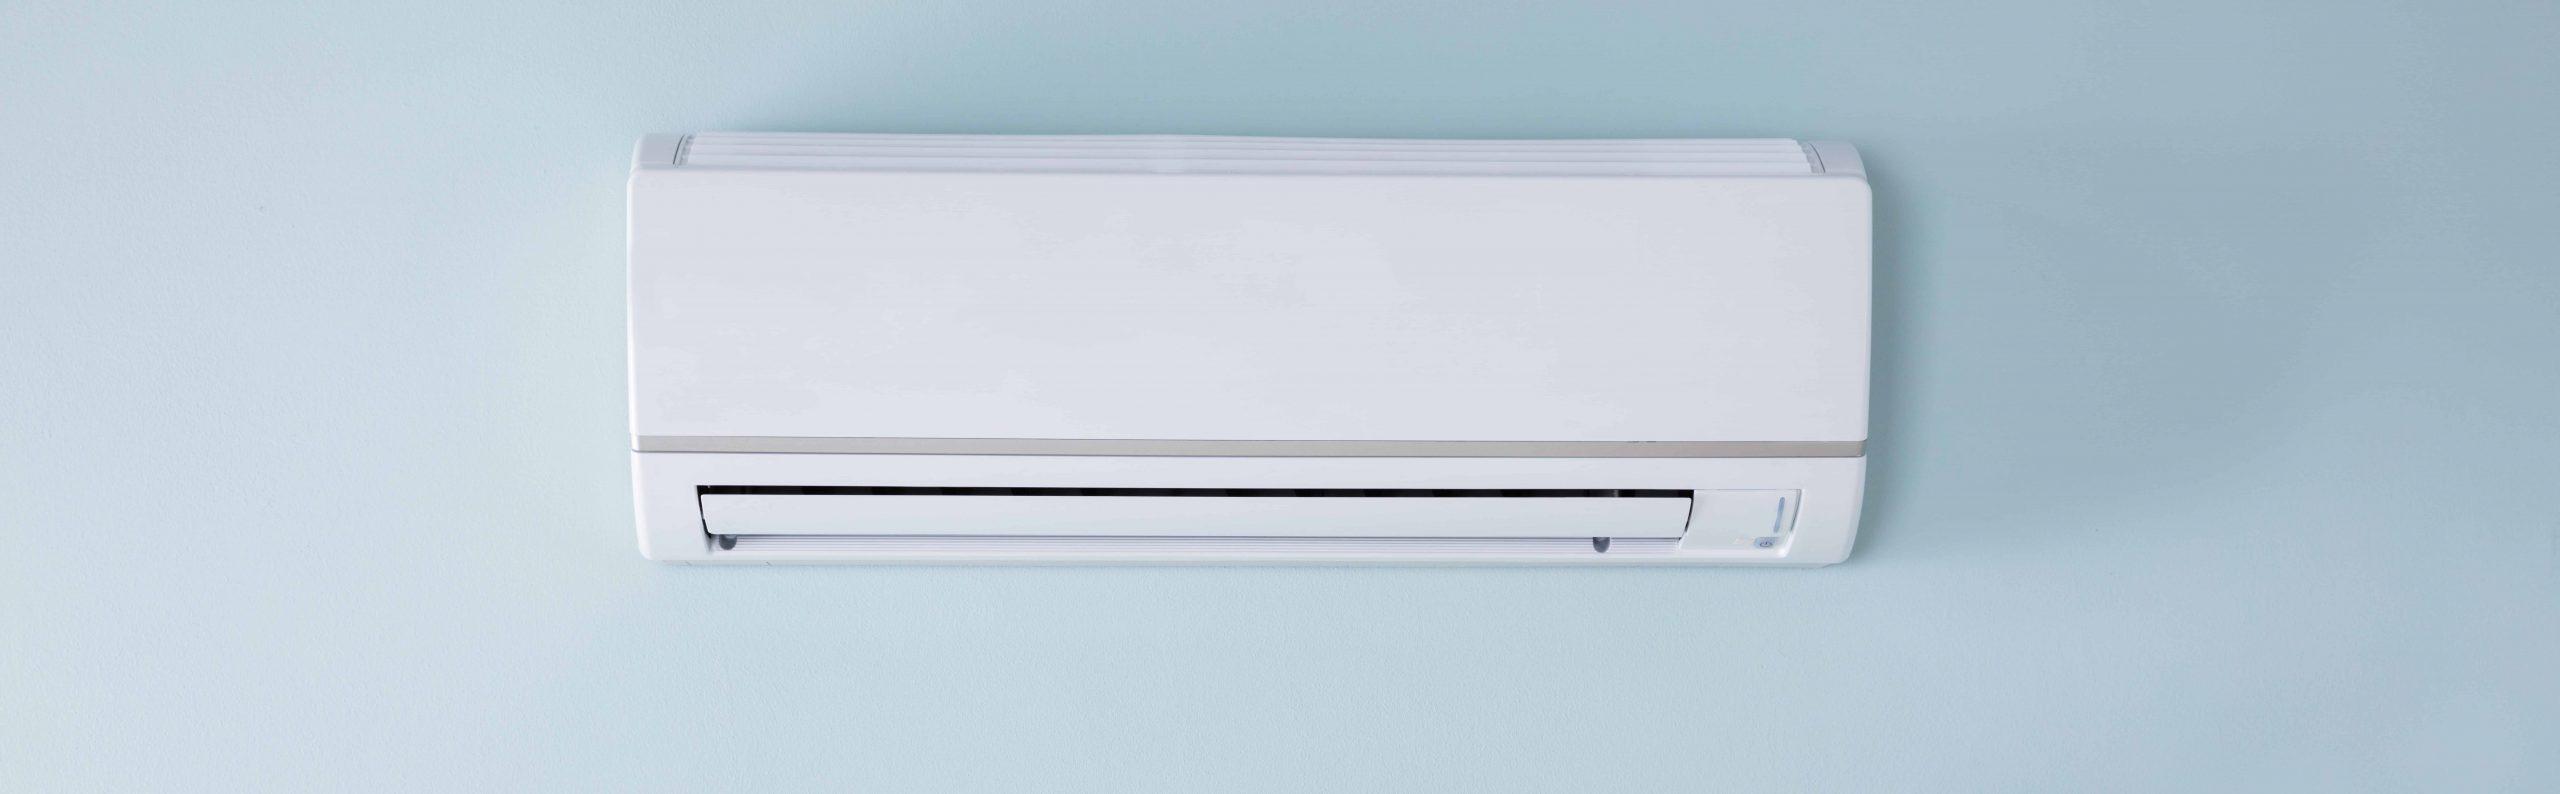 Full Size of Fenster Klimaanlage Test Empfehlungen 02 20 Einrichtungsradar Alarmanlagen Einbruchsichere Drutex Rollo Sonnenschutz Dampfreiniger Kosten Neue Rc3 Rahmenlose Wohnzimmer Fenster Klimaanlage